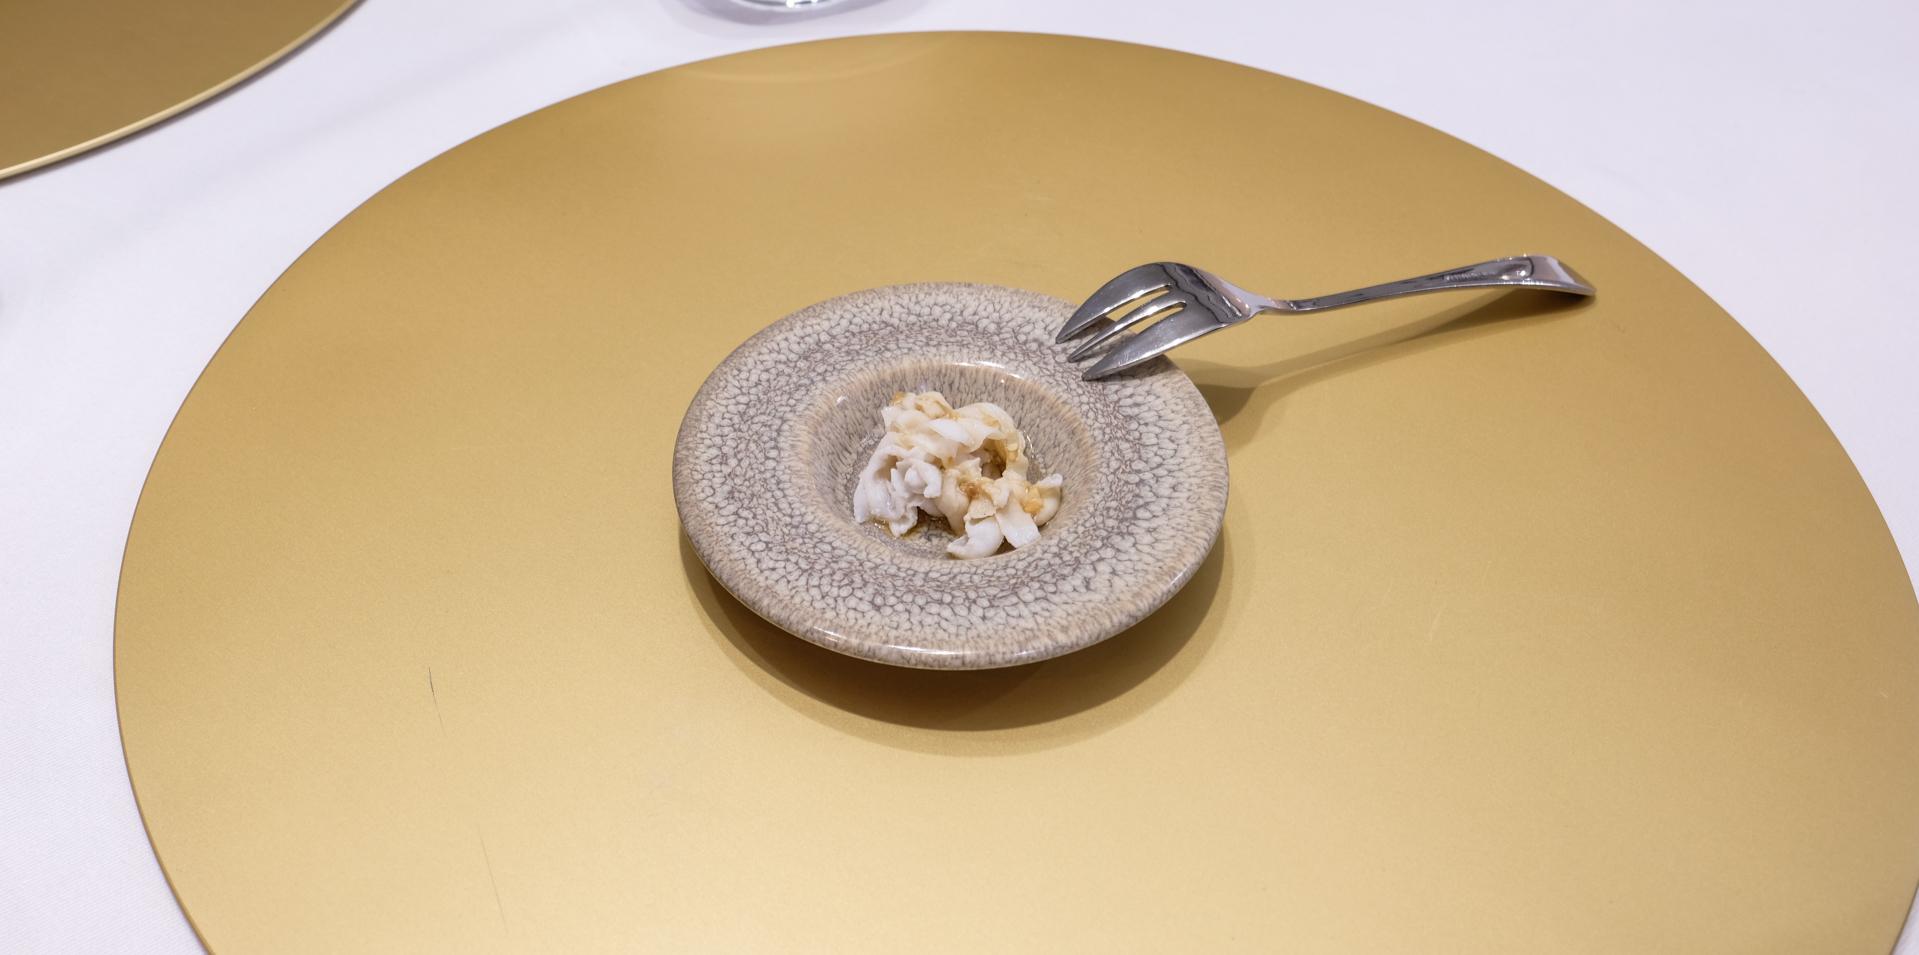 Anmeldelse af Restaurant Prés: Når lokale råvarer giver mening - nye tider i de gamle historiske lokaler